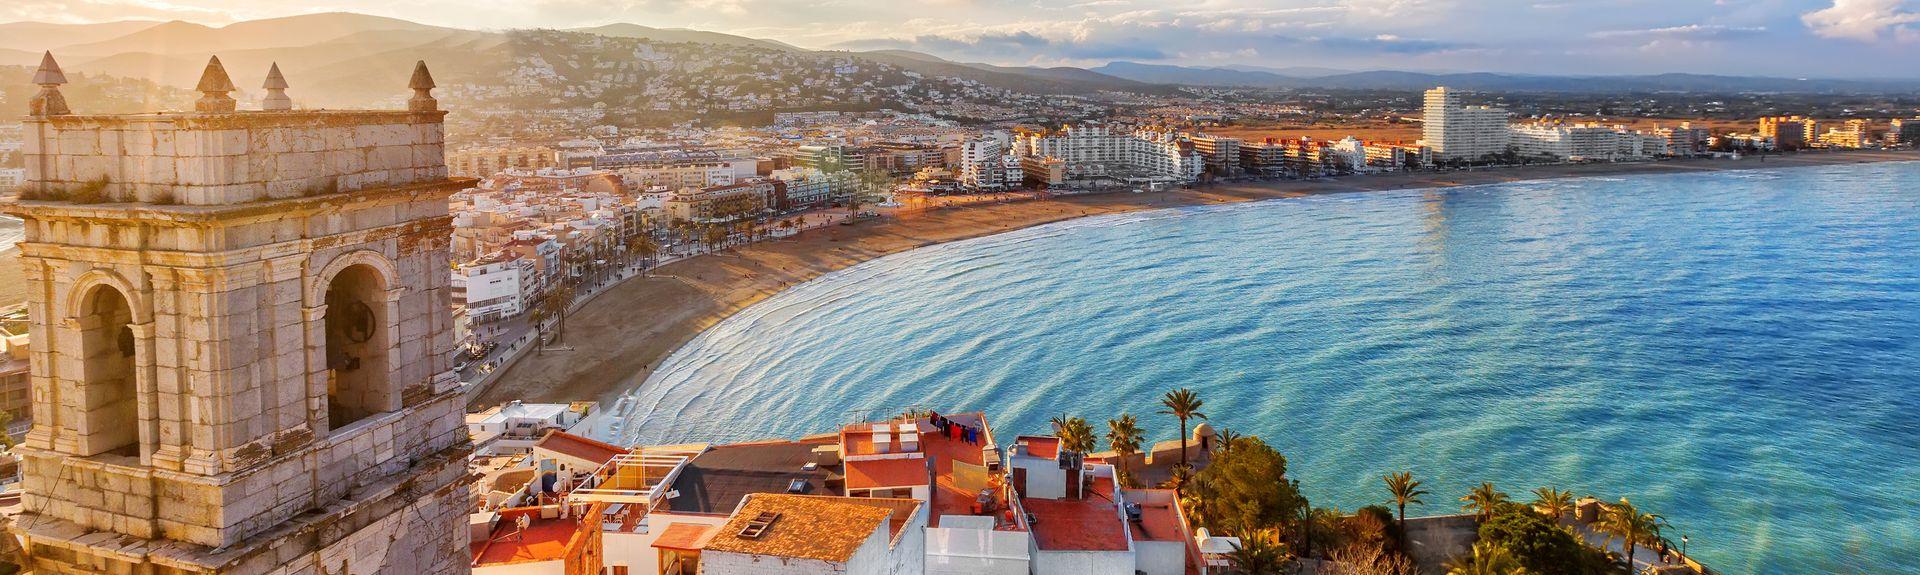 Valencia, Valencia, Espanjassa